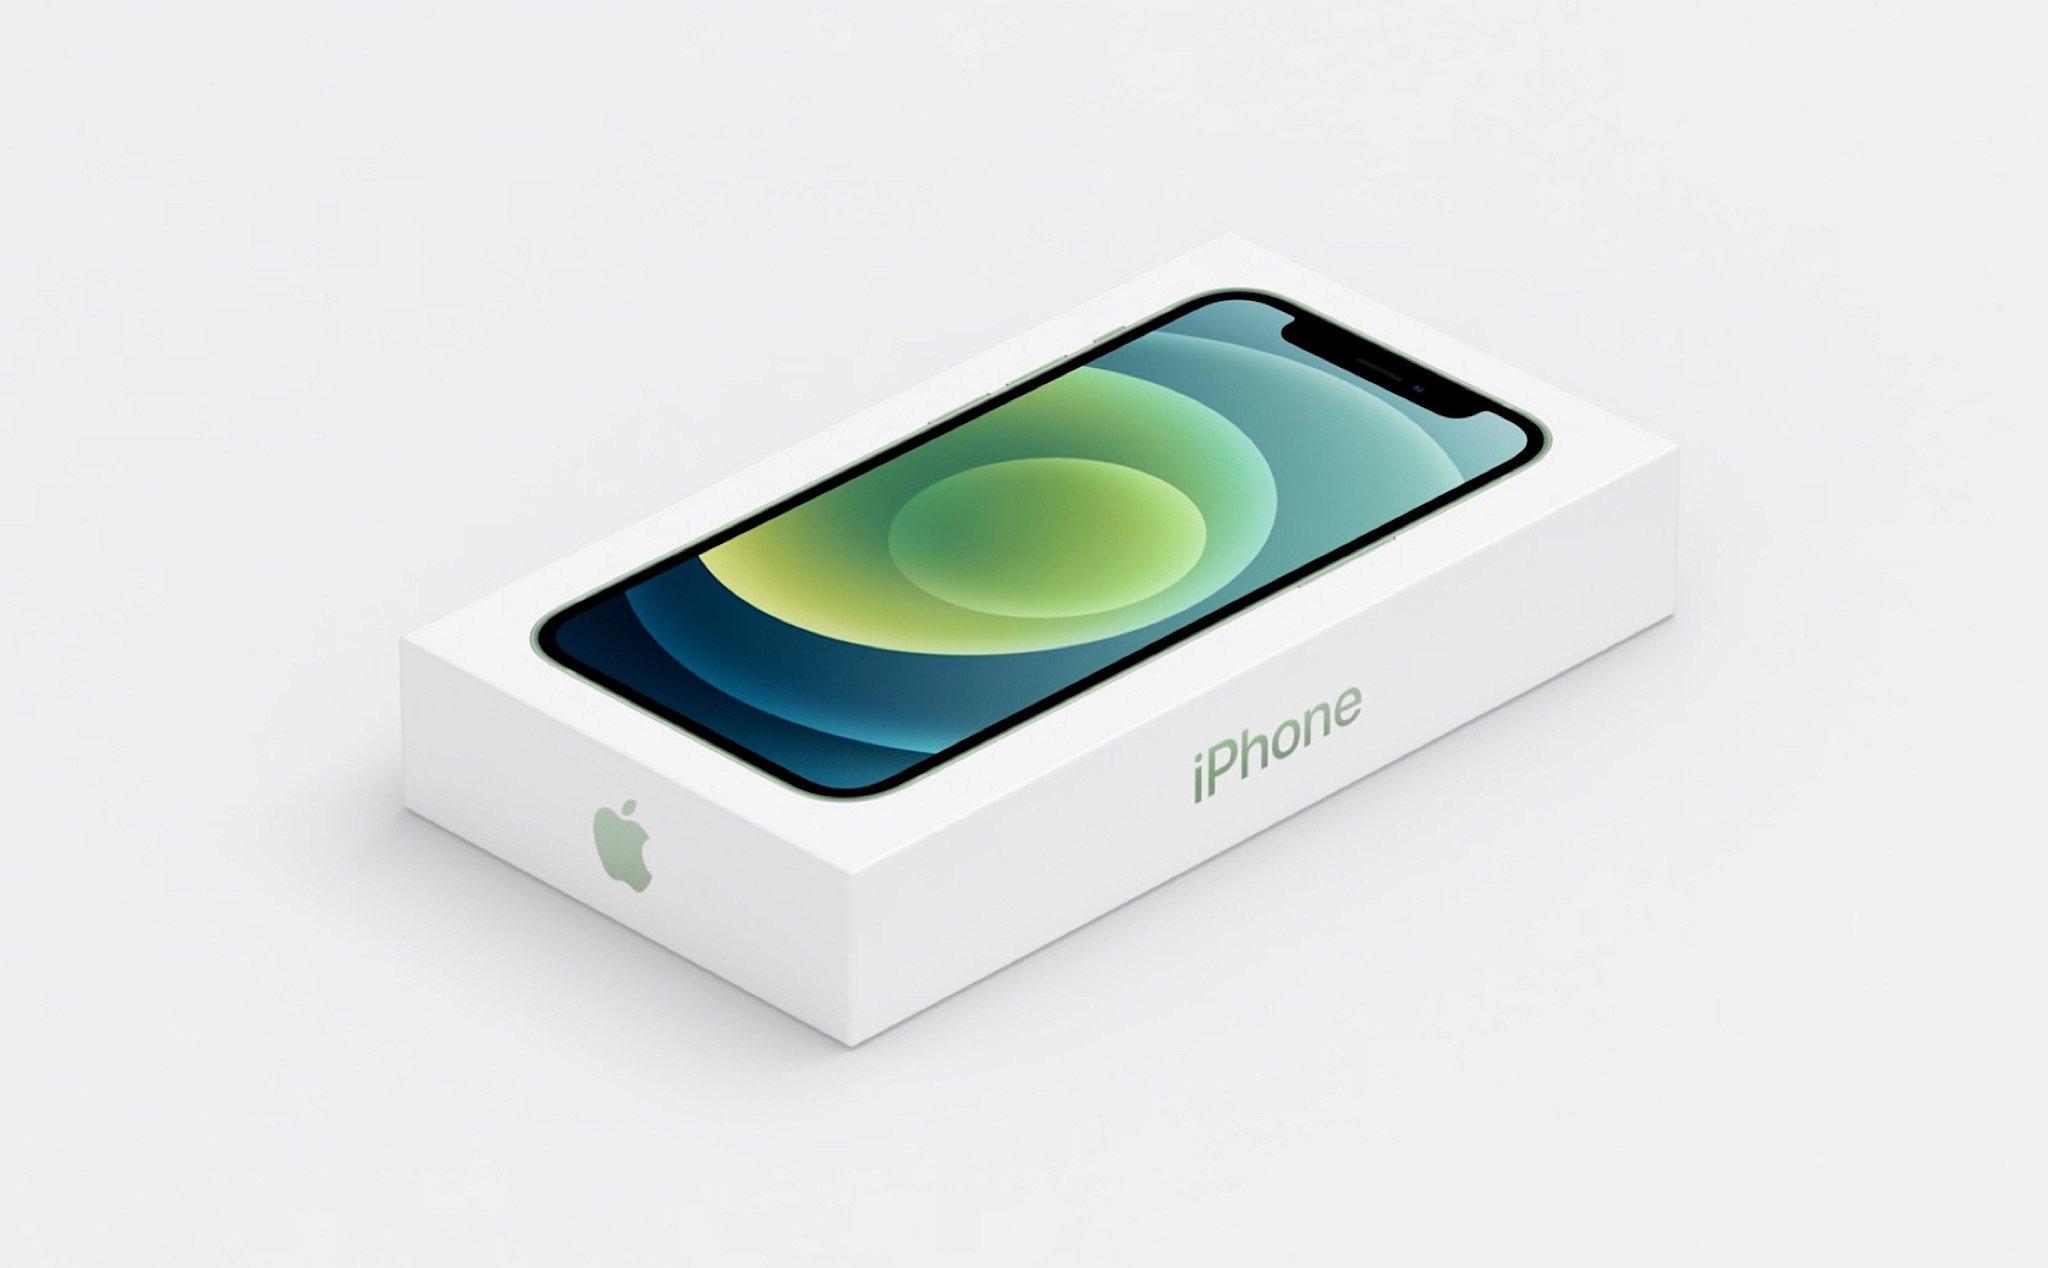 Đều bỏ thứ này khỏi hộp, iPhone 12 gây phẫn nộ còn Galaxy S21 lại đi vào lòng người.